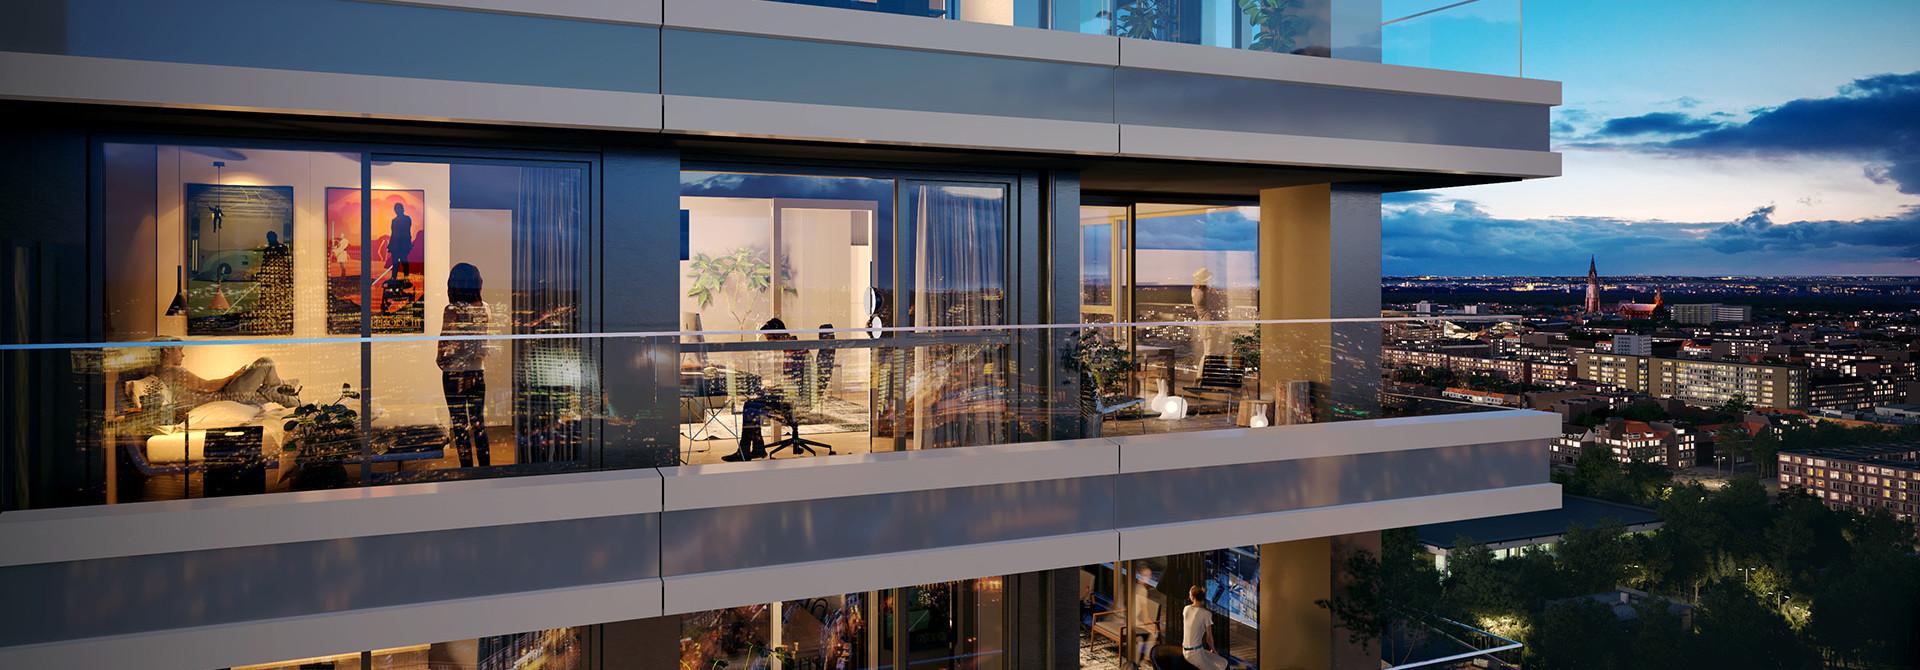 Penthouse Delft